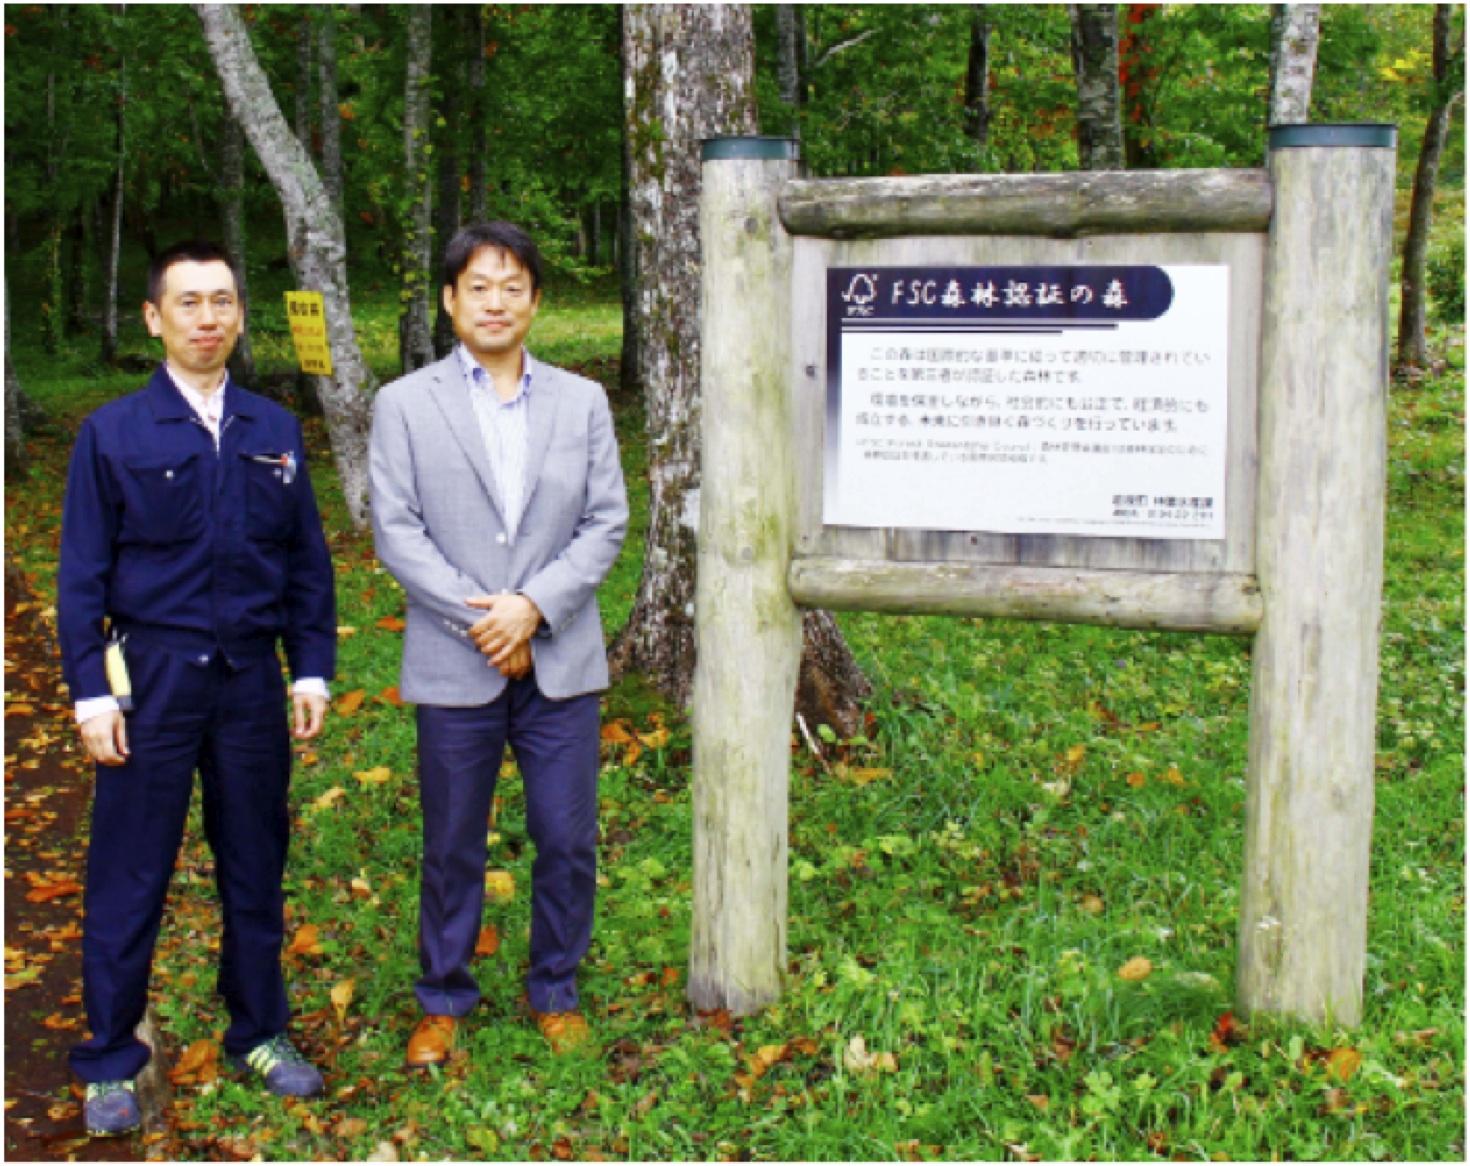 「管理されていない森は真っ暗ですからね。比べると全然違うでしょう?」と 誇らしげに語るのは、岩泉町役場農林水産課の今村さん(左)。